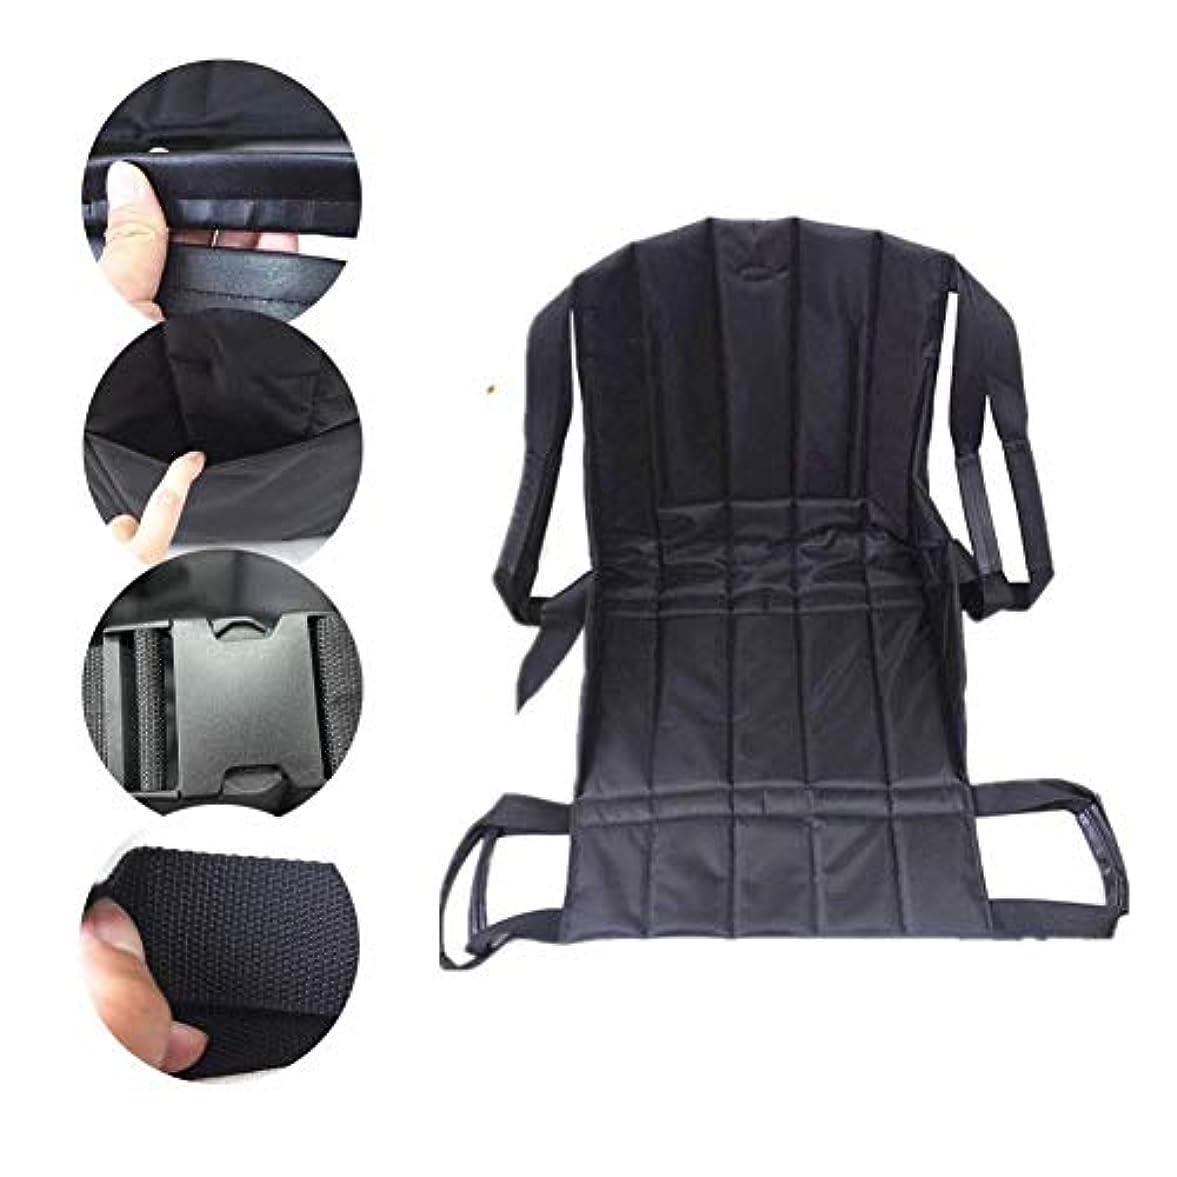 びっくりしたセッションに対処するトランスファーボードスライドベルト-患者リフトベッド支援デバイス-患者輸送リフトスリング-位置決めベッドパッド